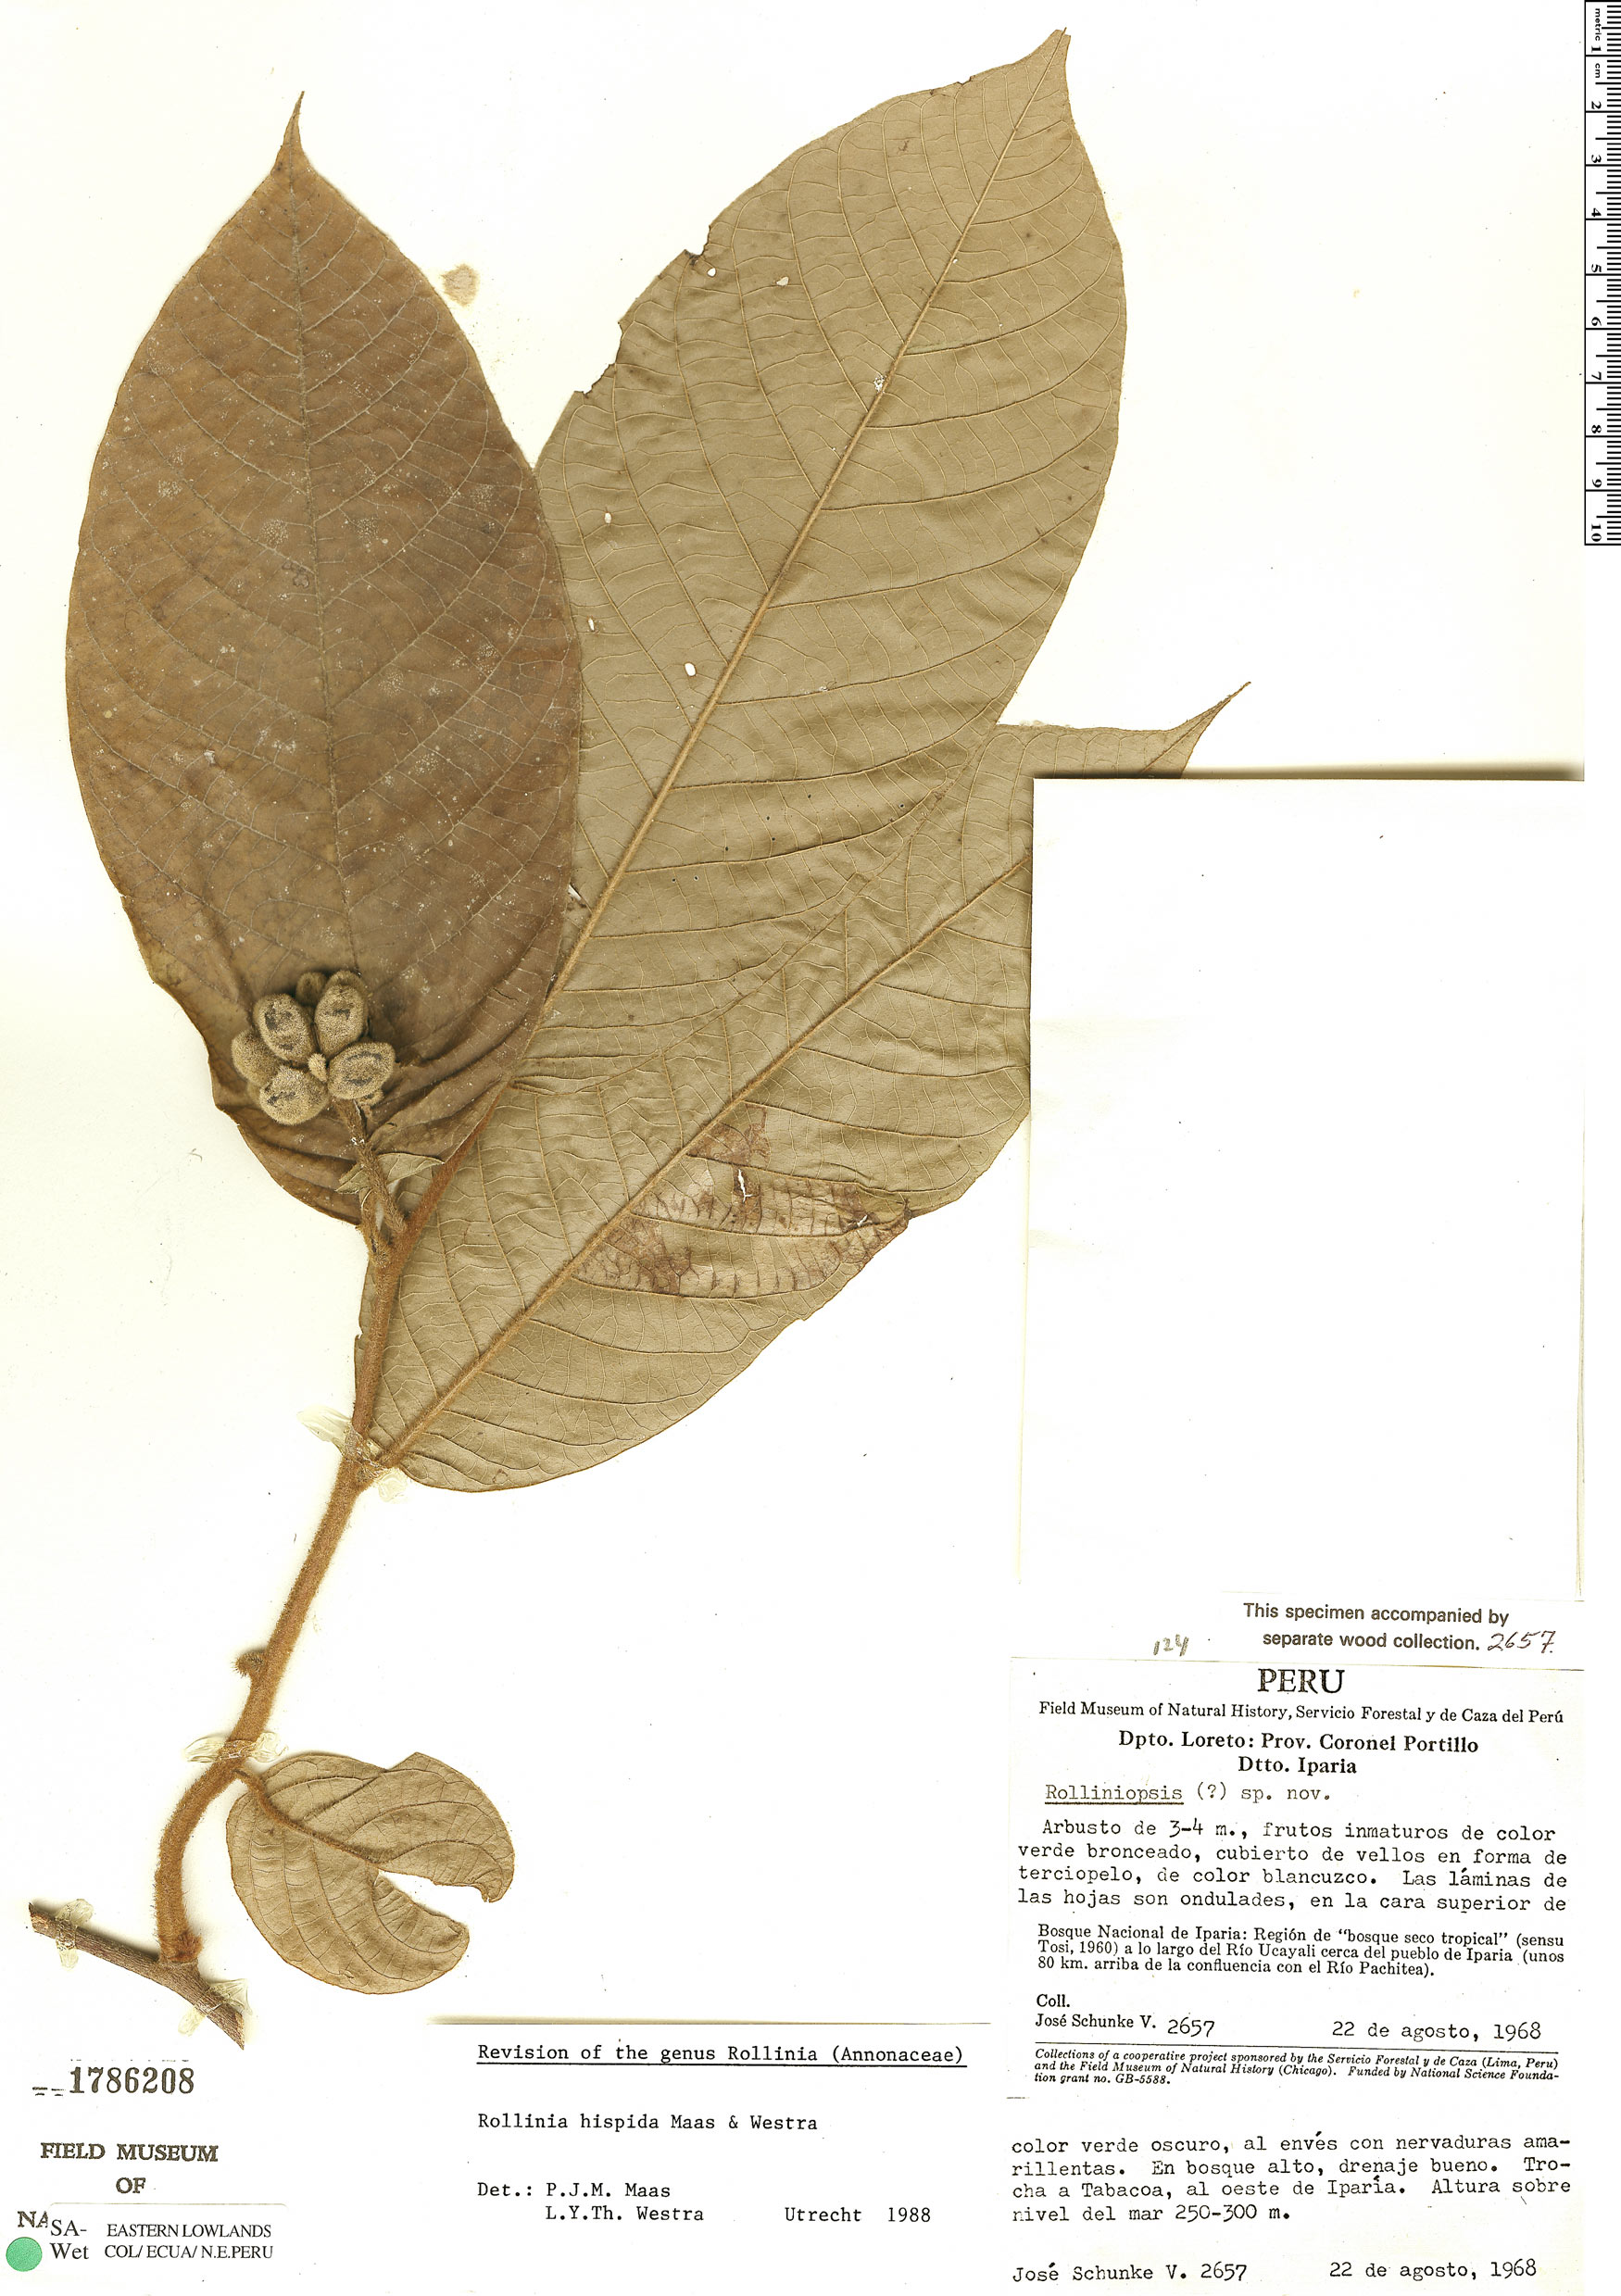 Specimen: Annona hispida